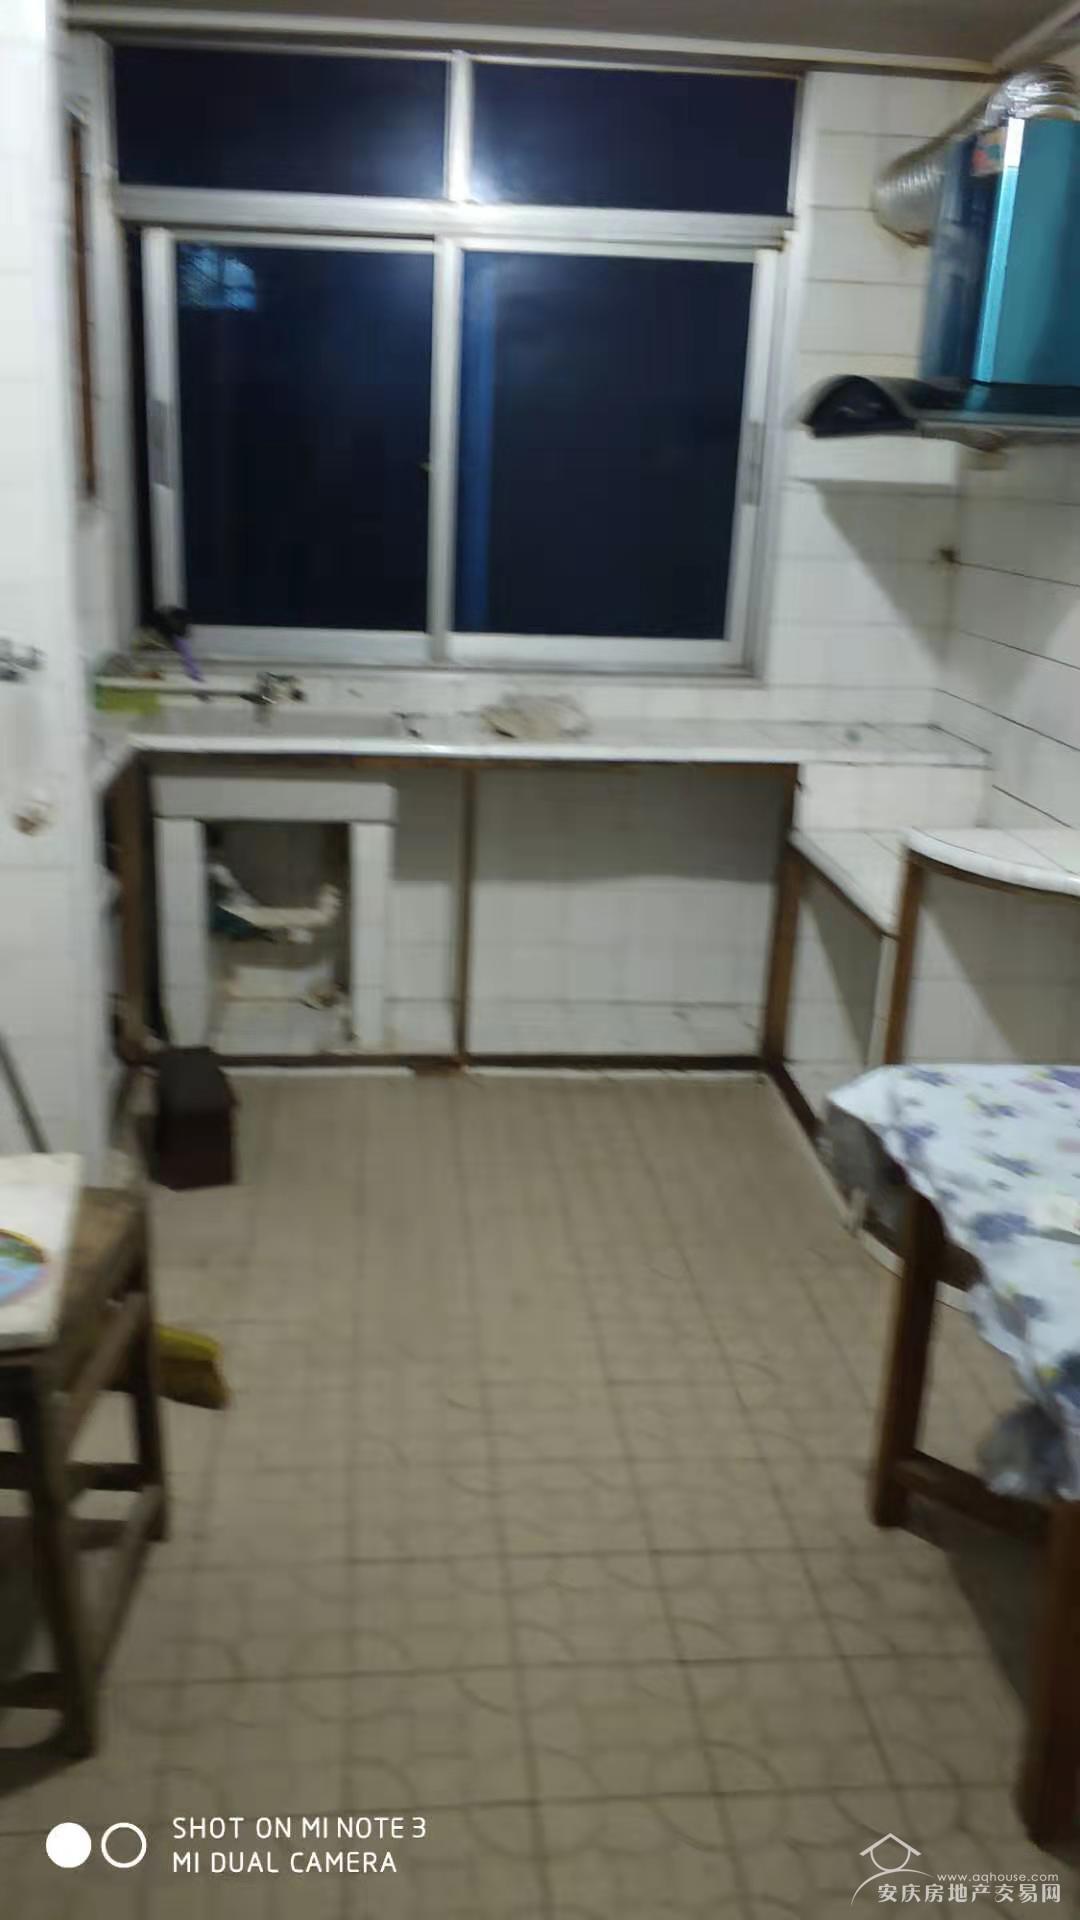 菱南公寓三楼精装房二室一厅900/月